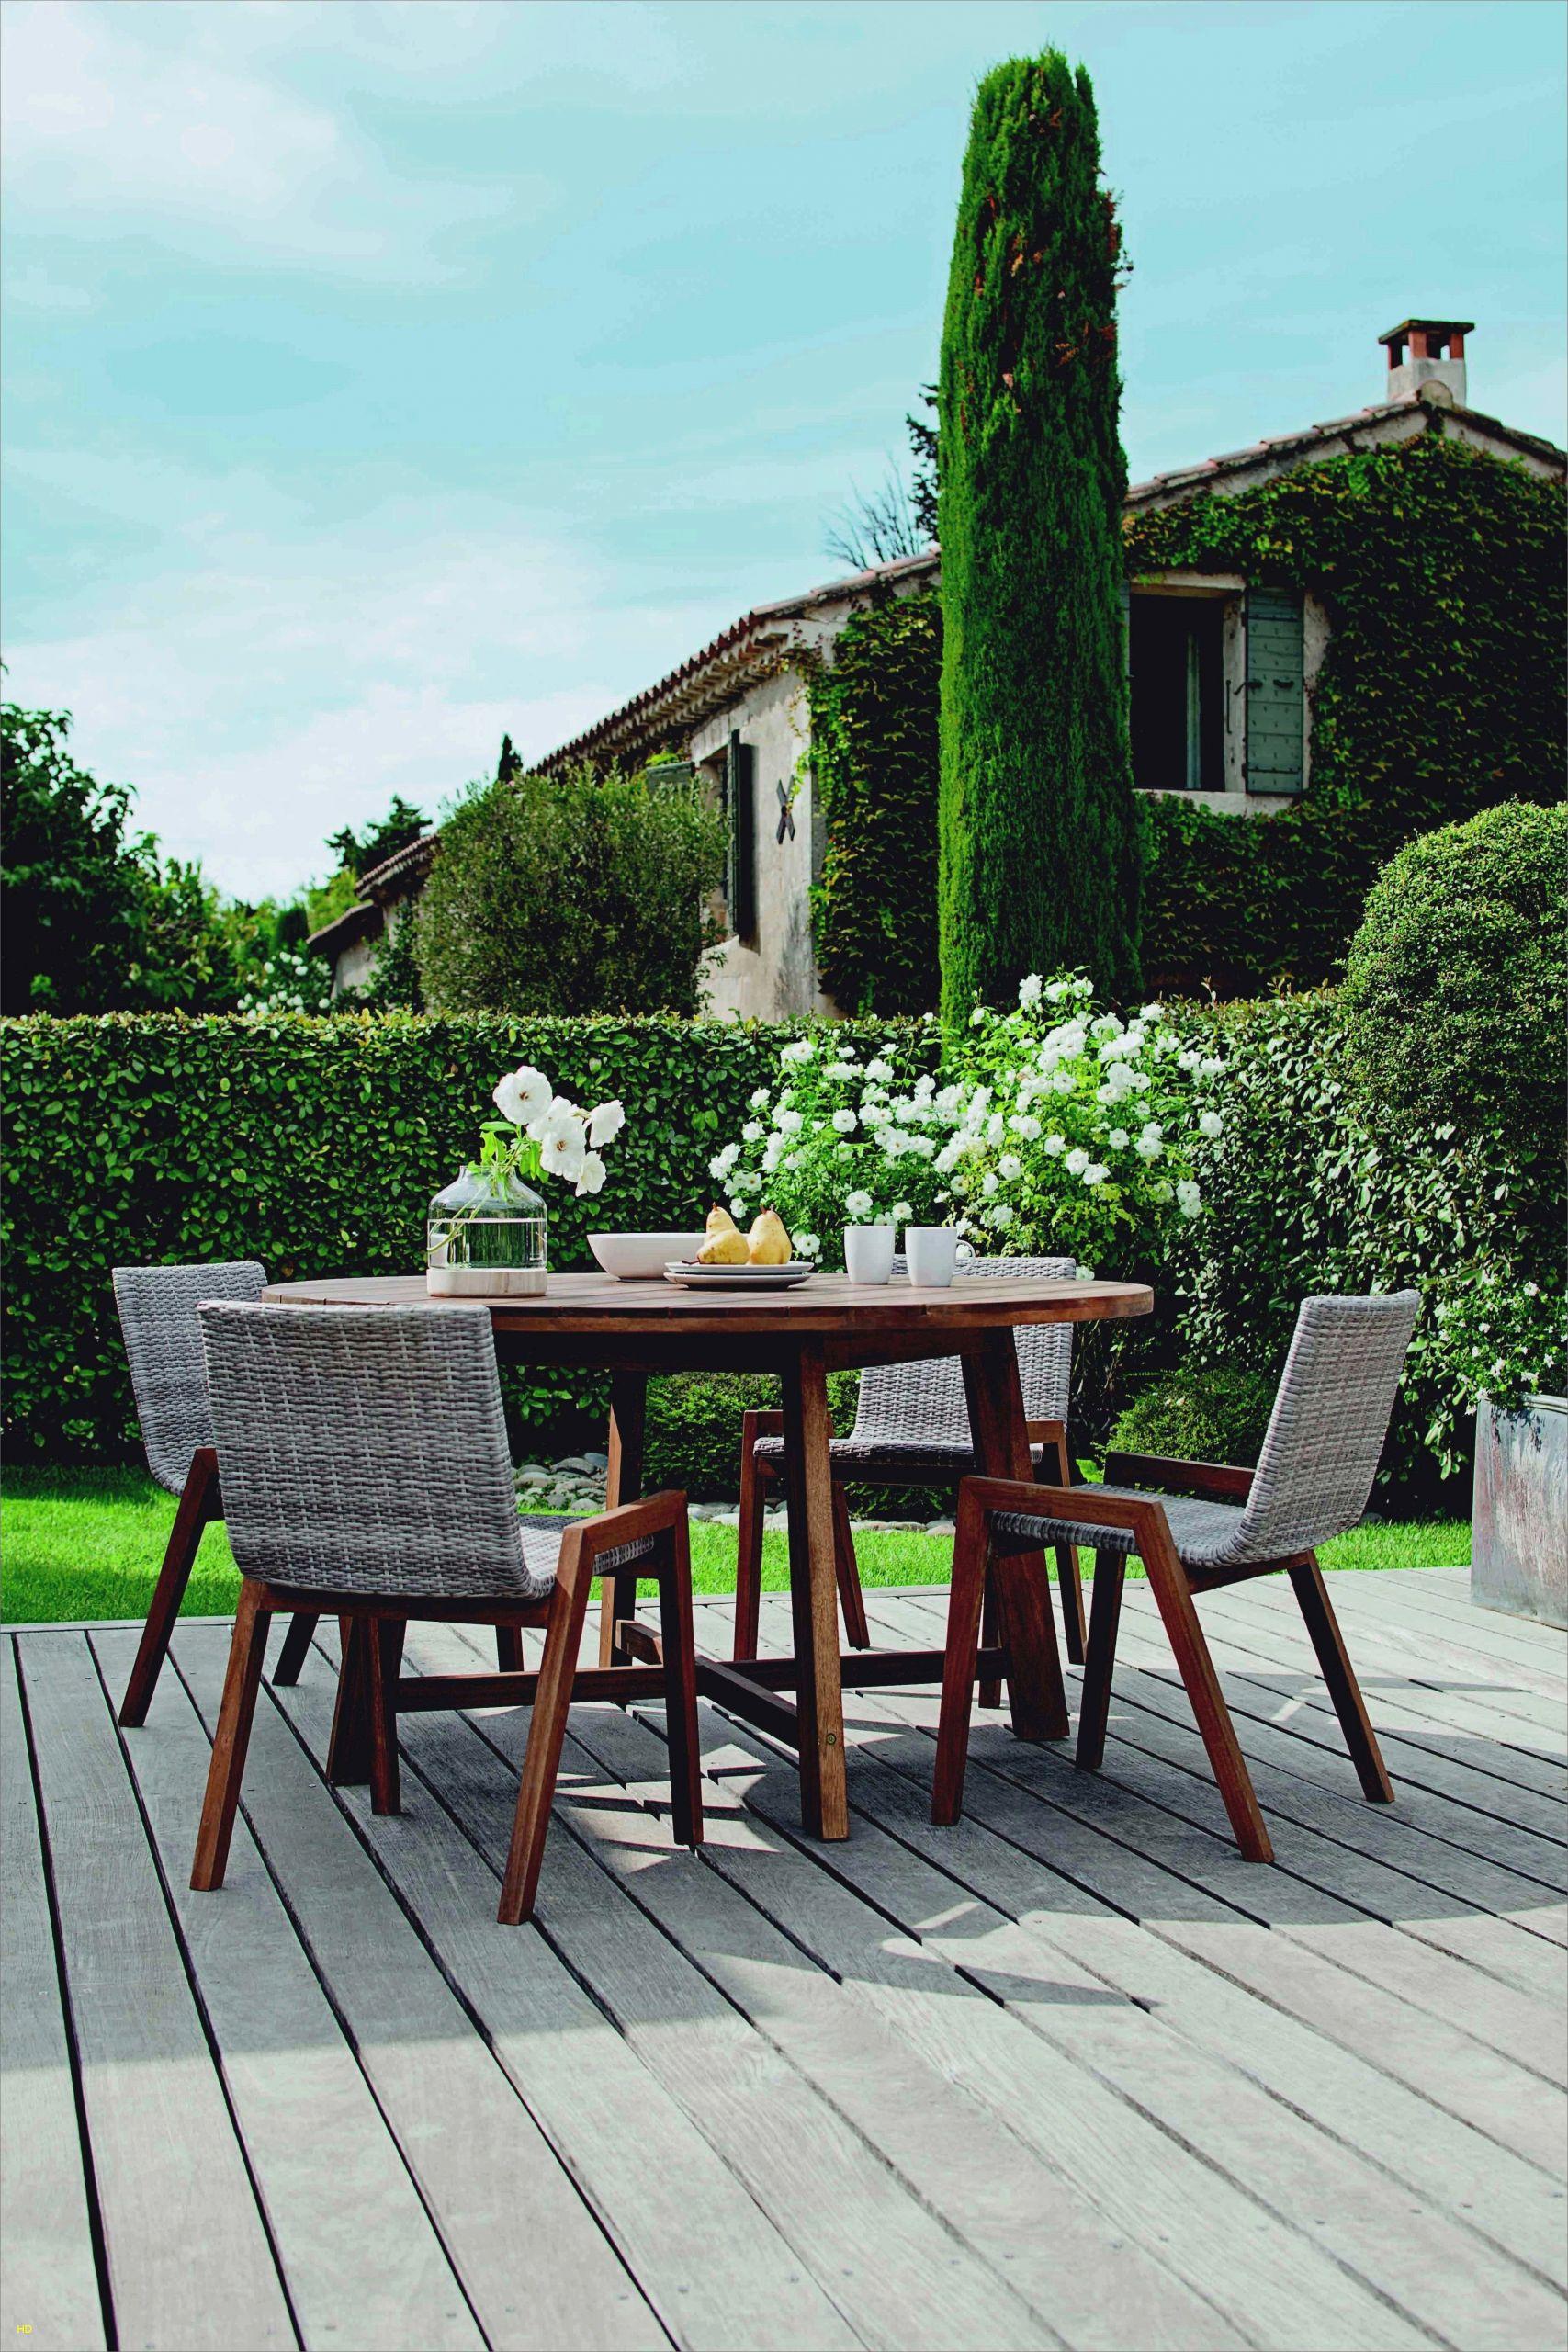 Solde Salon Jardin Best Of Salon De Jardin Leclerc Catalogue ... avec Transat Jardin Chez Leclerc